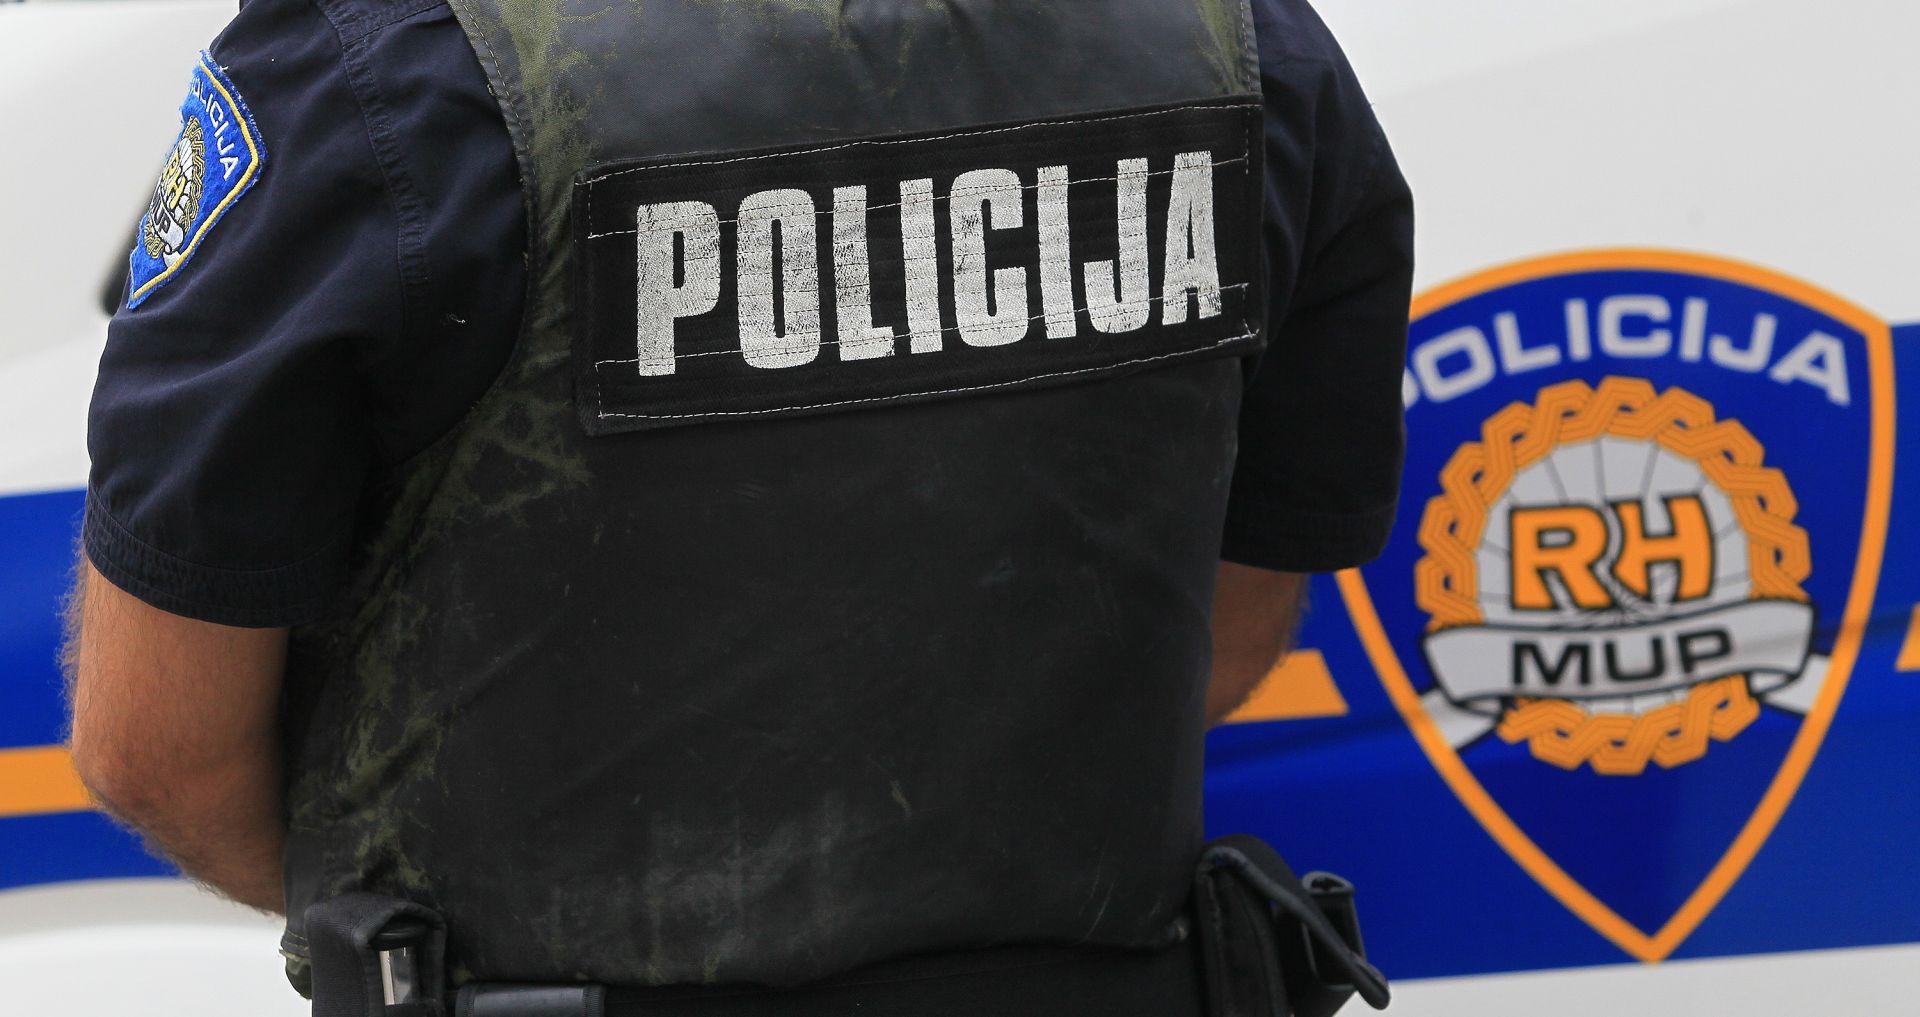 AKCIJA TAXI 2 Dvojica muškaraca i djevojka uhićeni zbog organiziranja prostitucije